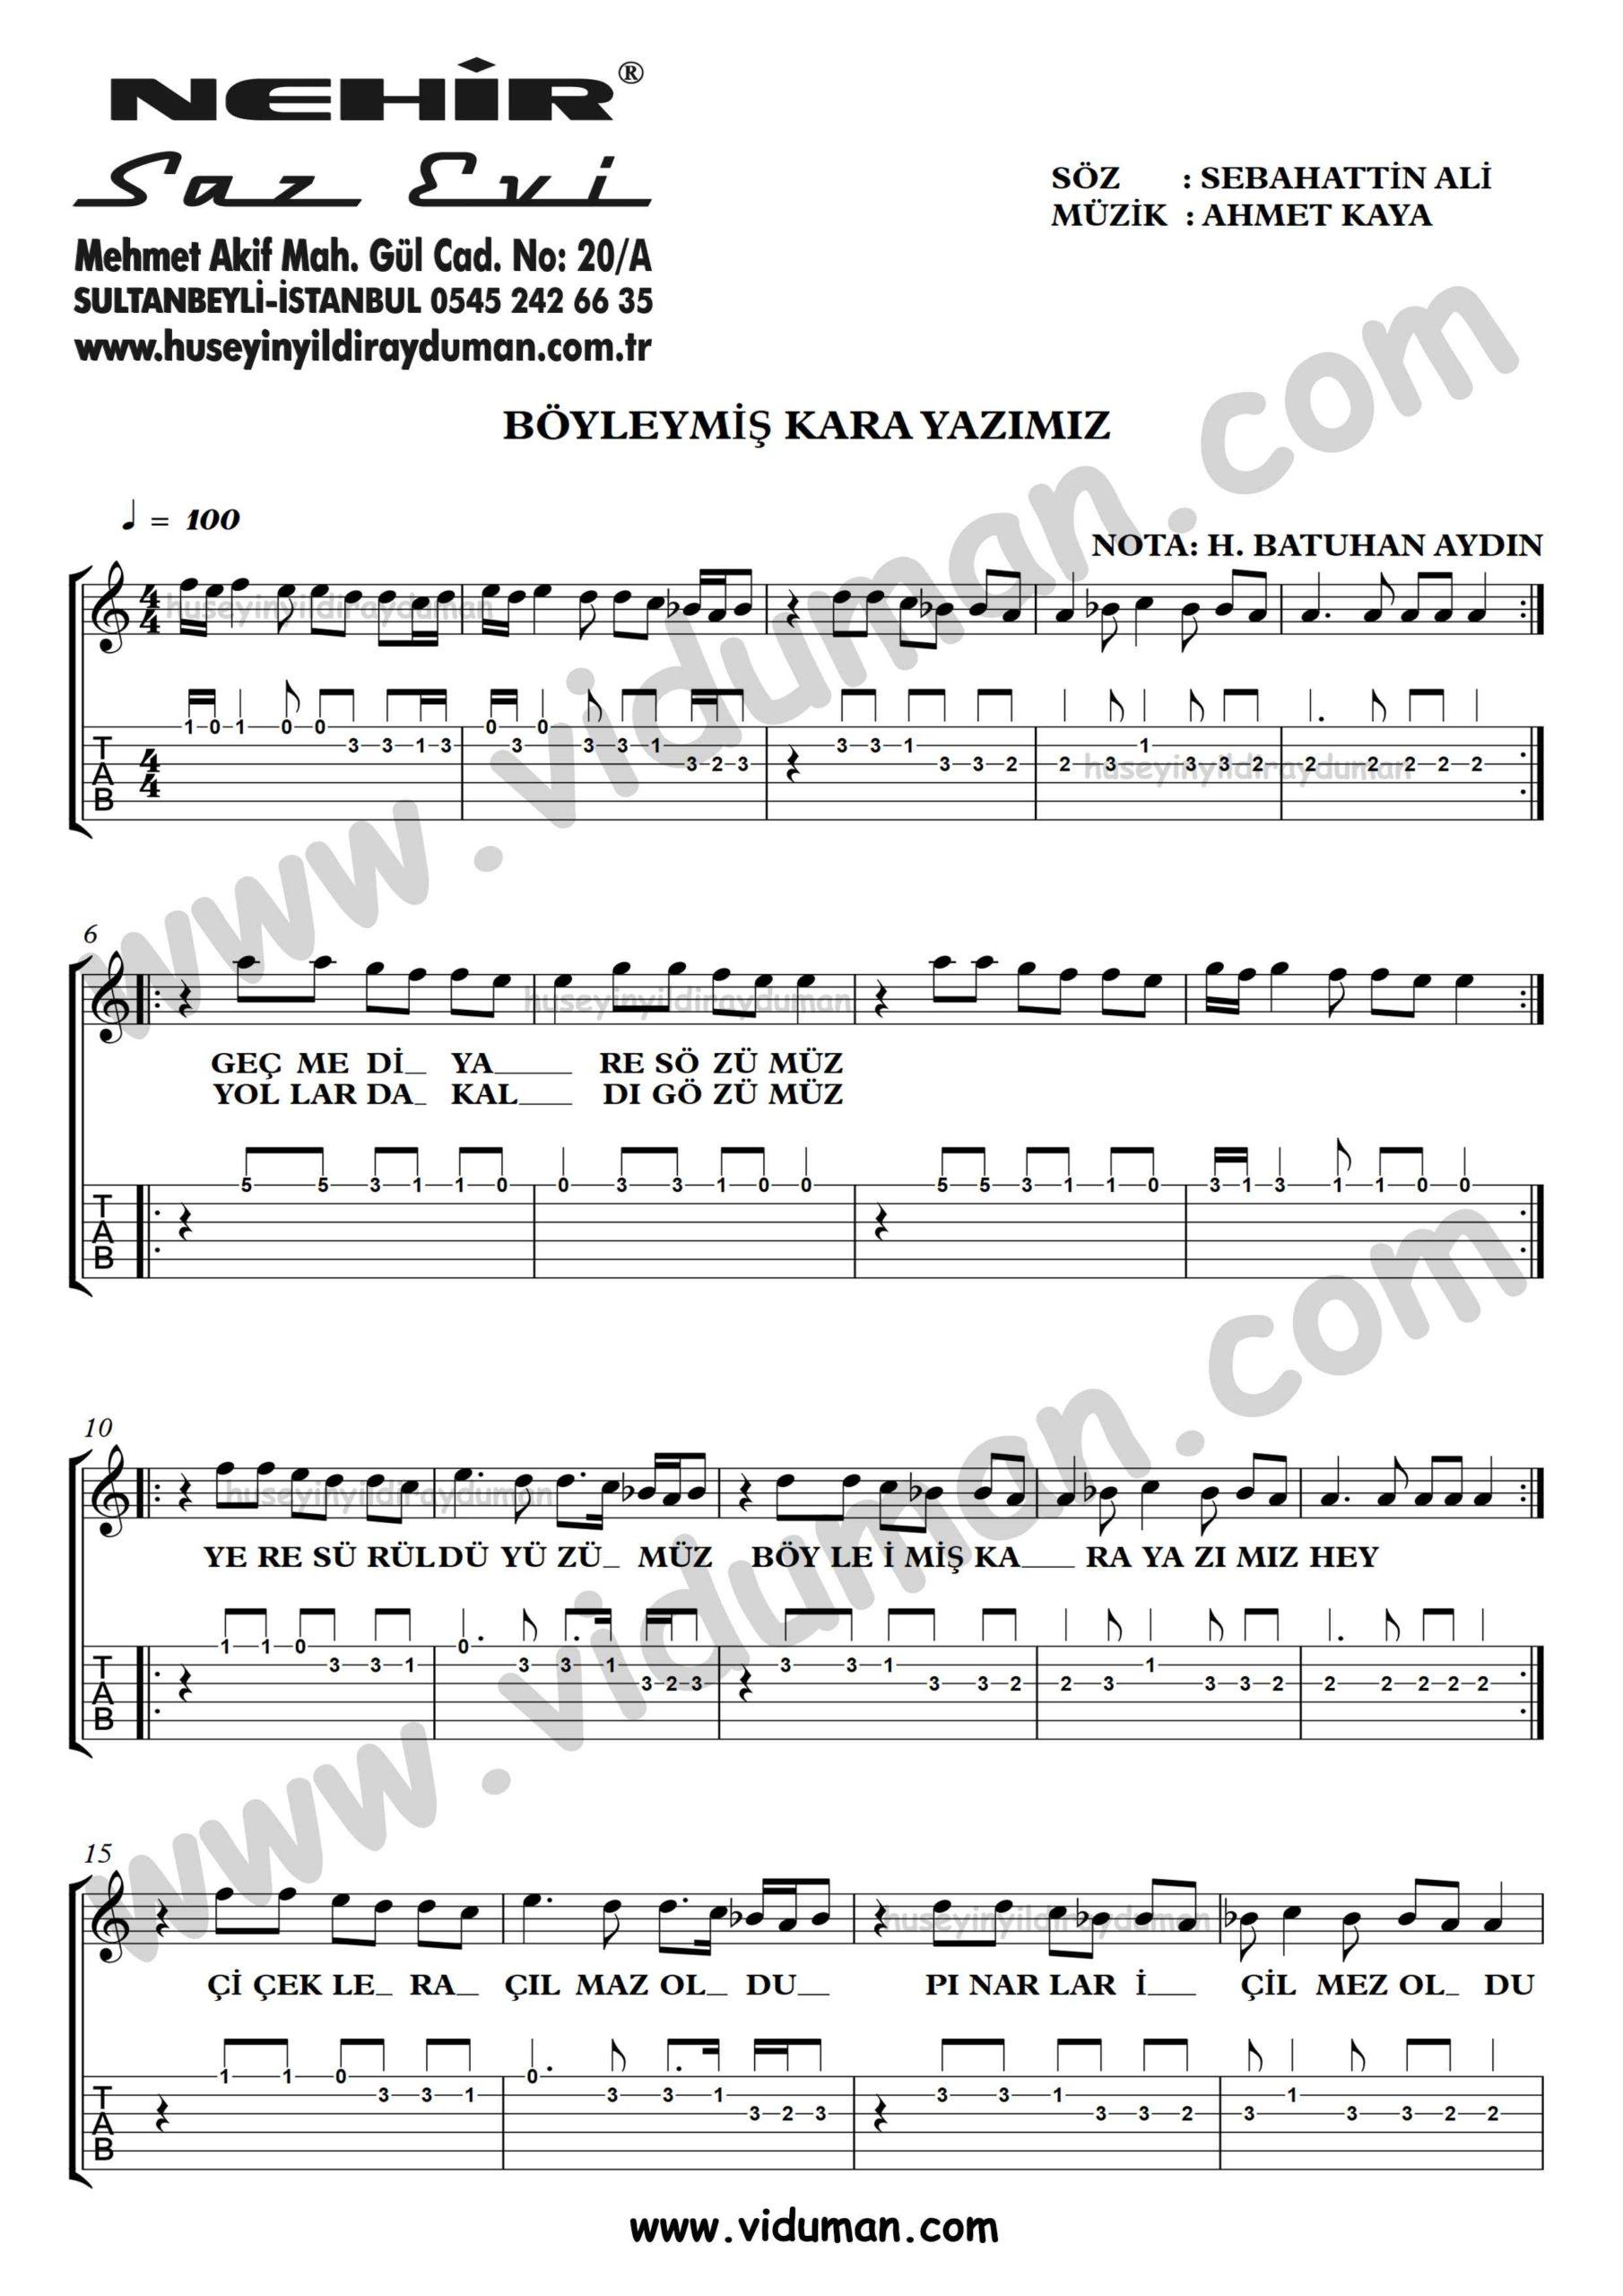 Boyleymis Kara Yazimiz_1-Ahmet Kaya-Gitar Tab-Solo Notalari